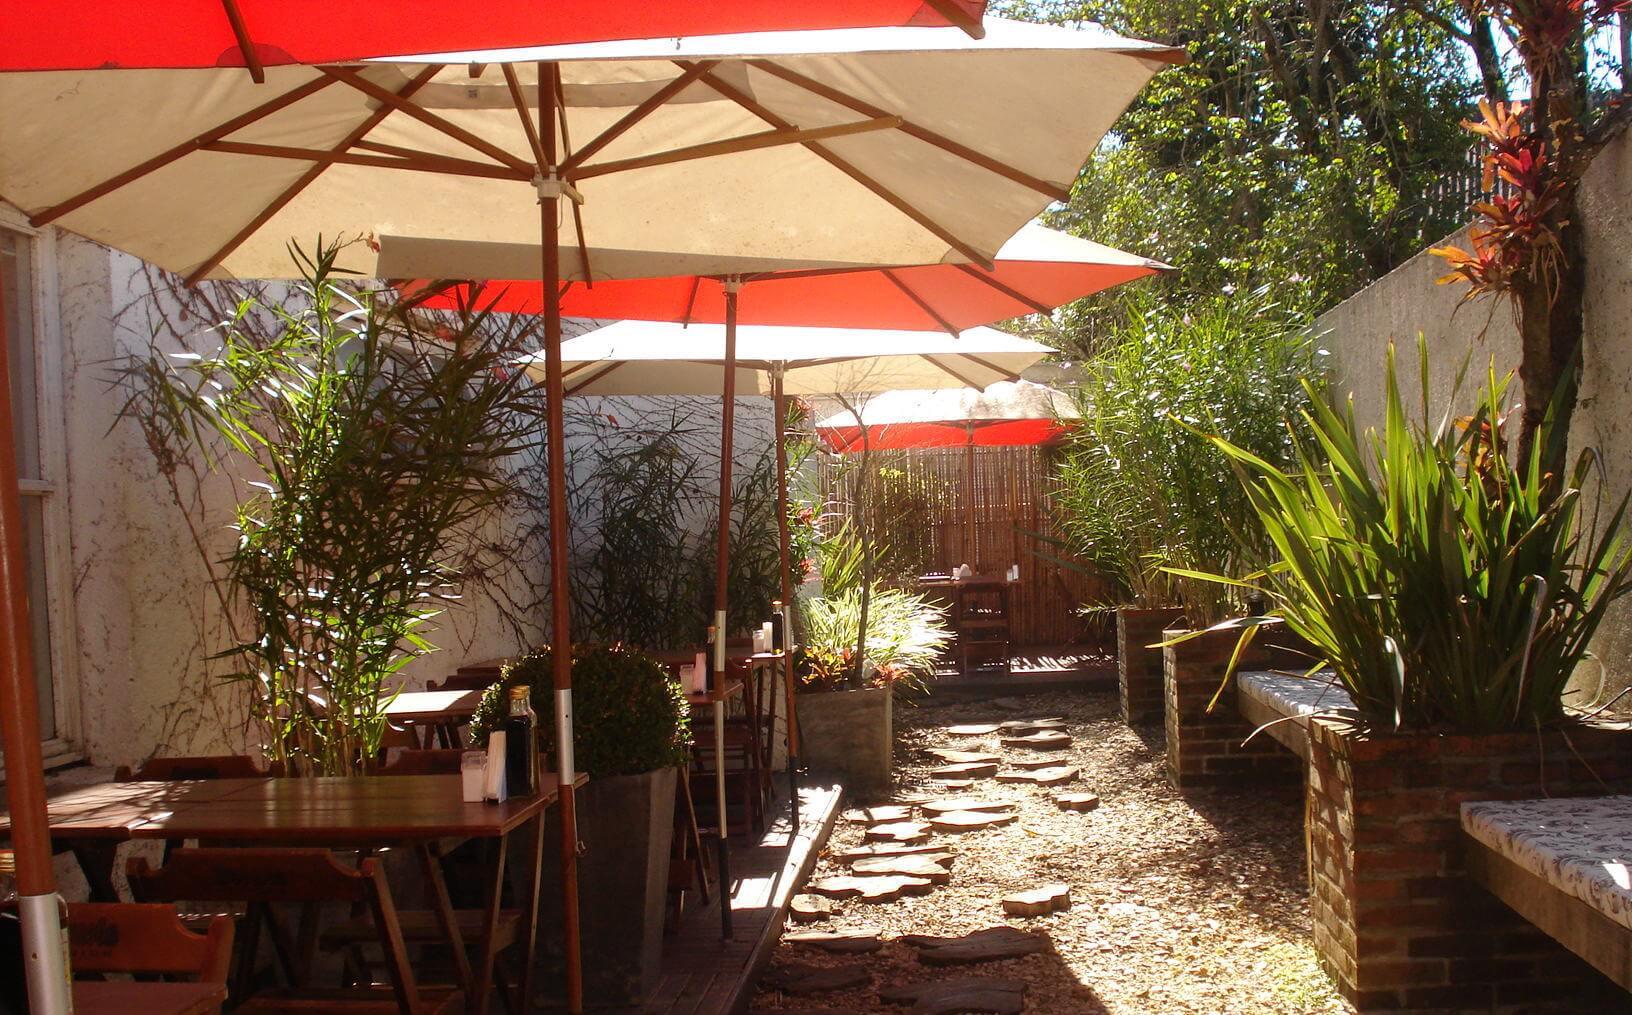 Restaurante Santo Garden Grill